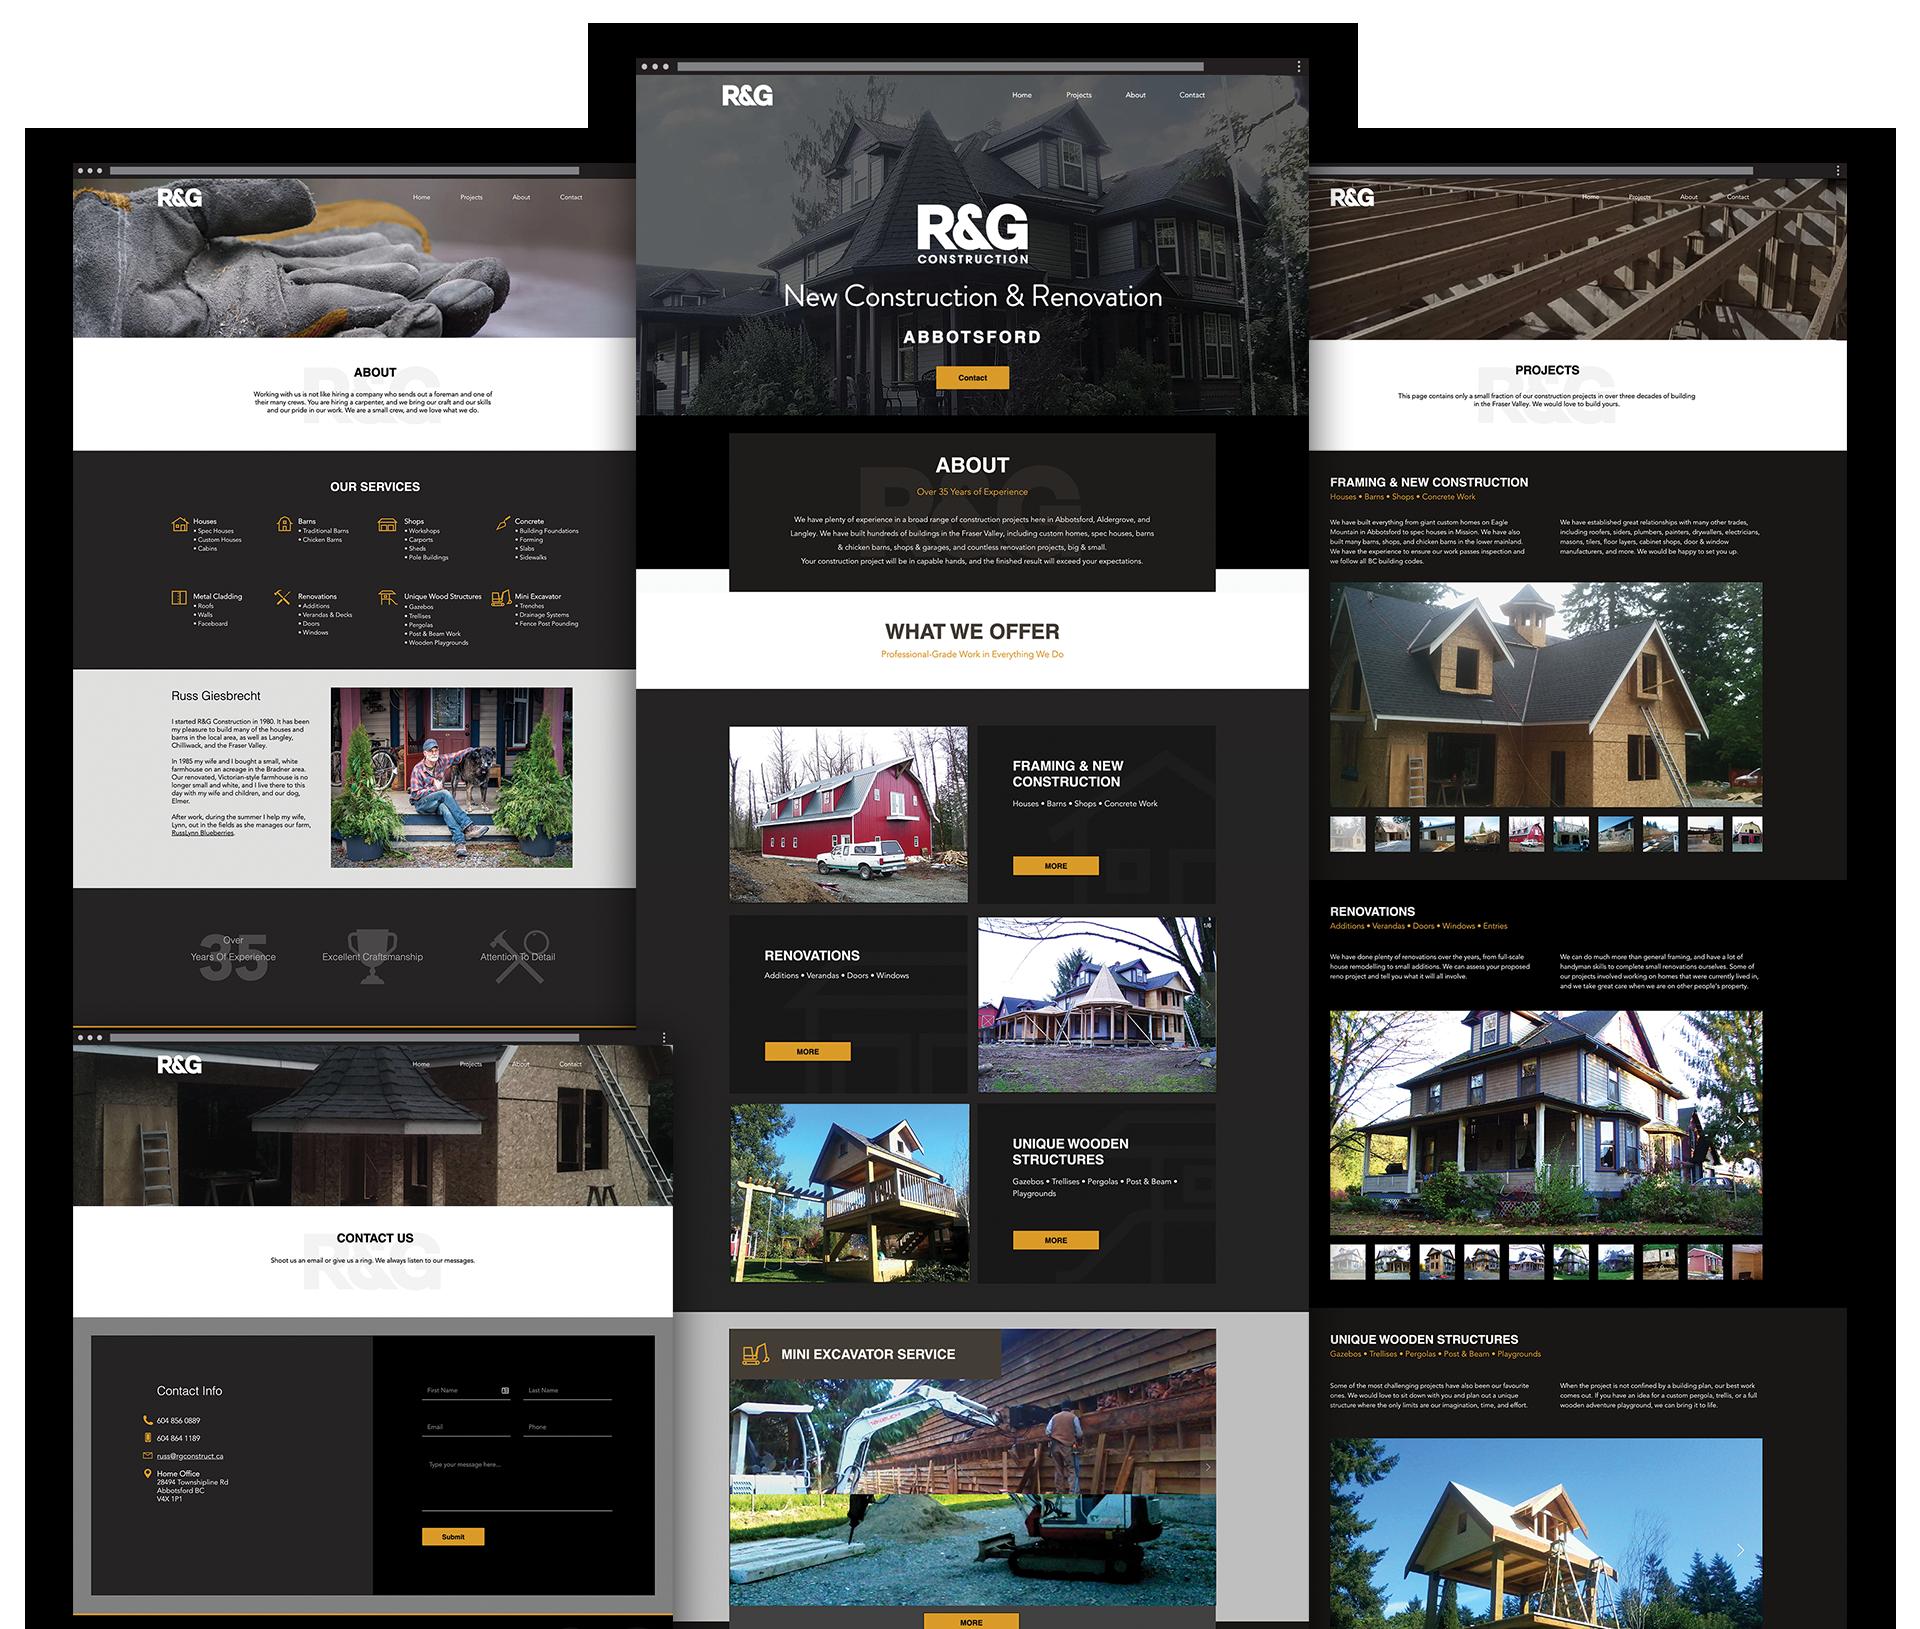 Websites-Display-R&G-2